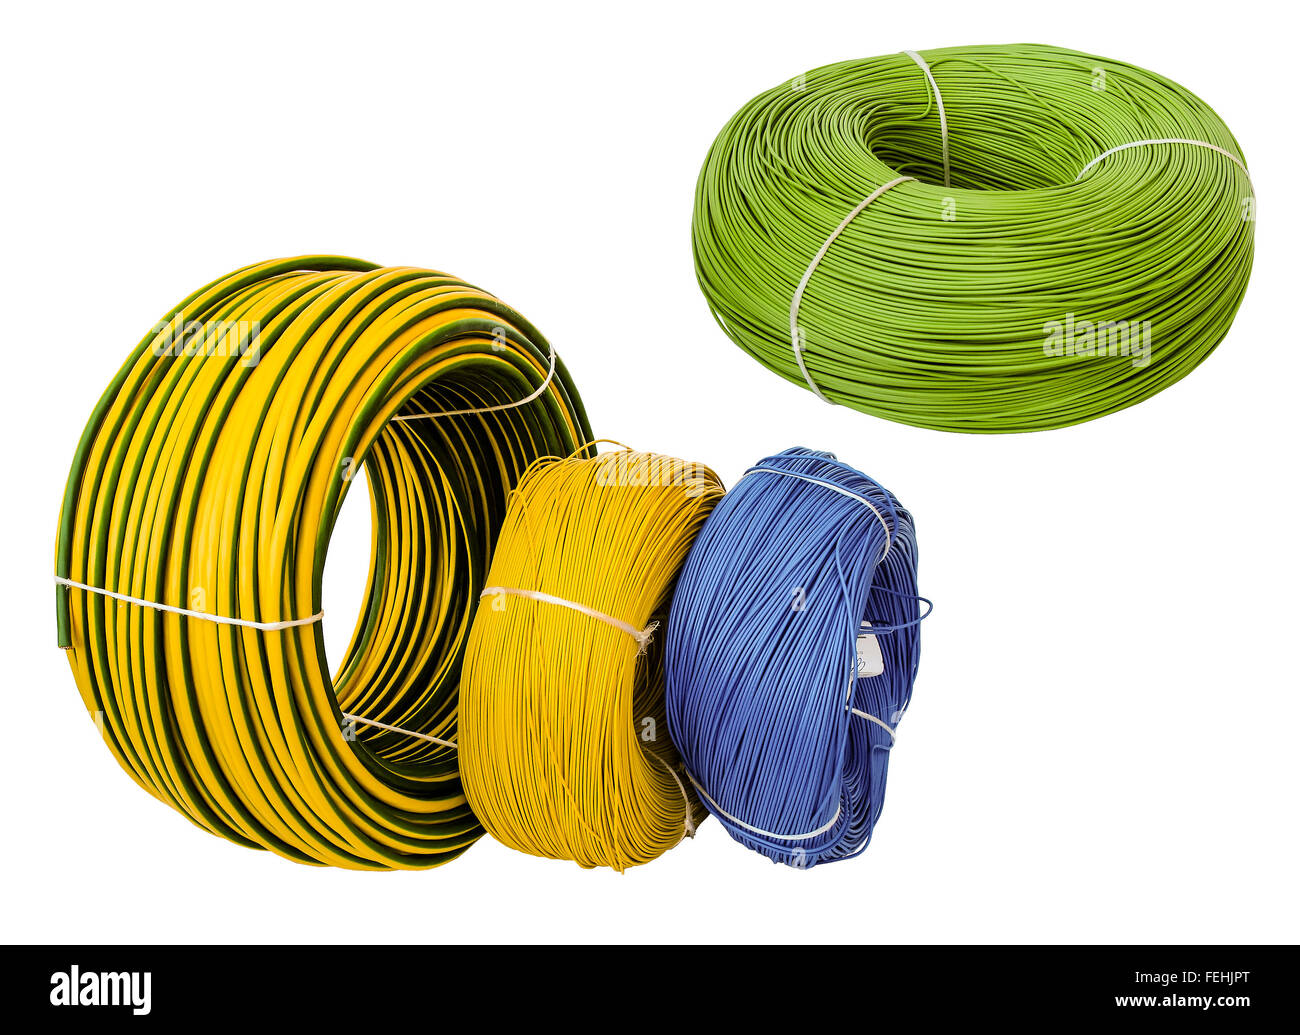 Farbige Elektrokabel coil roll green wire on stock photos coil roll green wire on stock